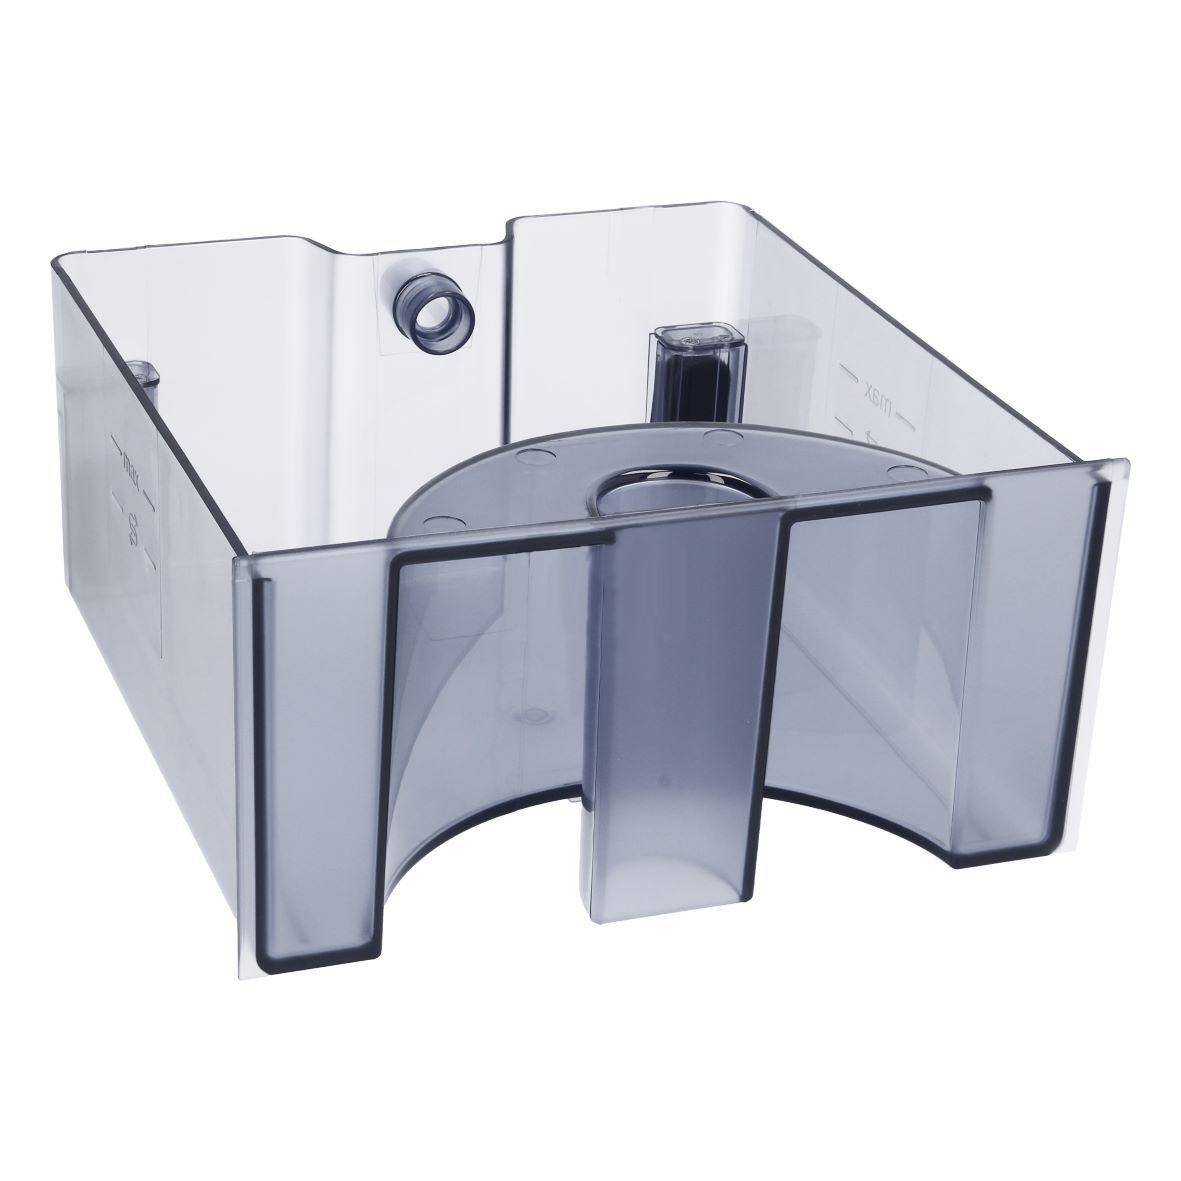 Miele gőzpároló víztartály M5-8577101